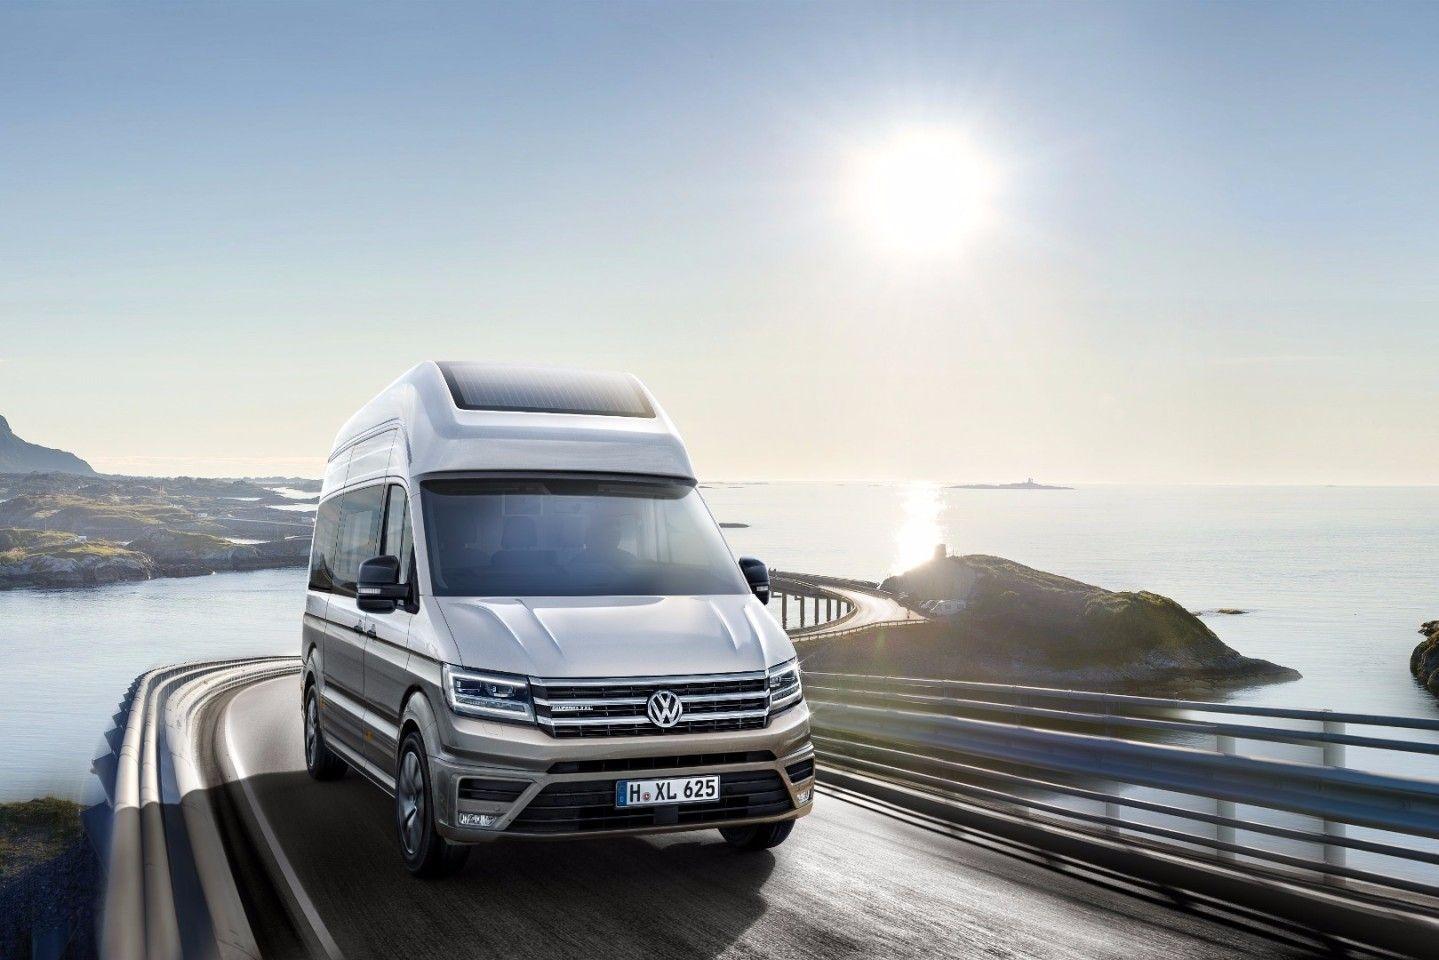 Volkswagen Upsizes California Camper Van With Xxl Concept In 2020 Mini Van Volkswagen Best New Cars